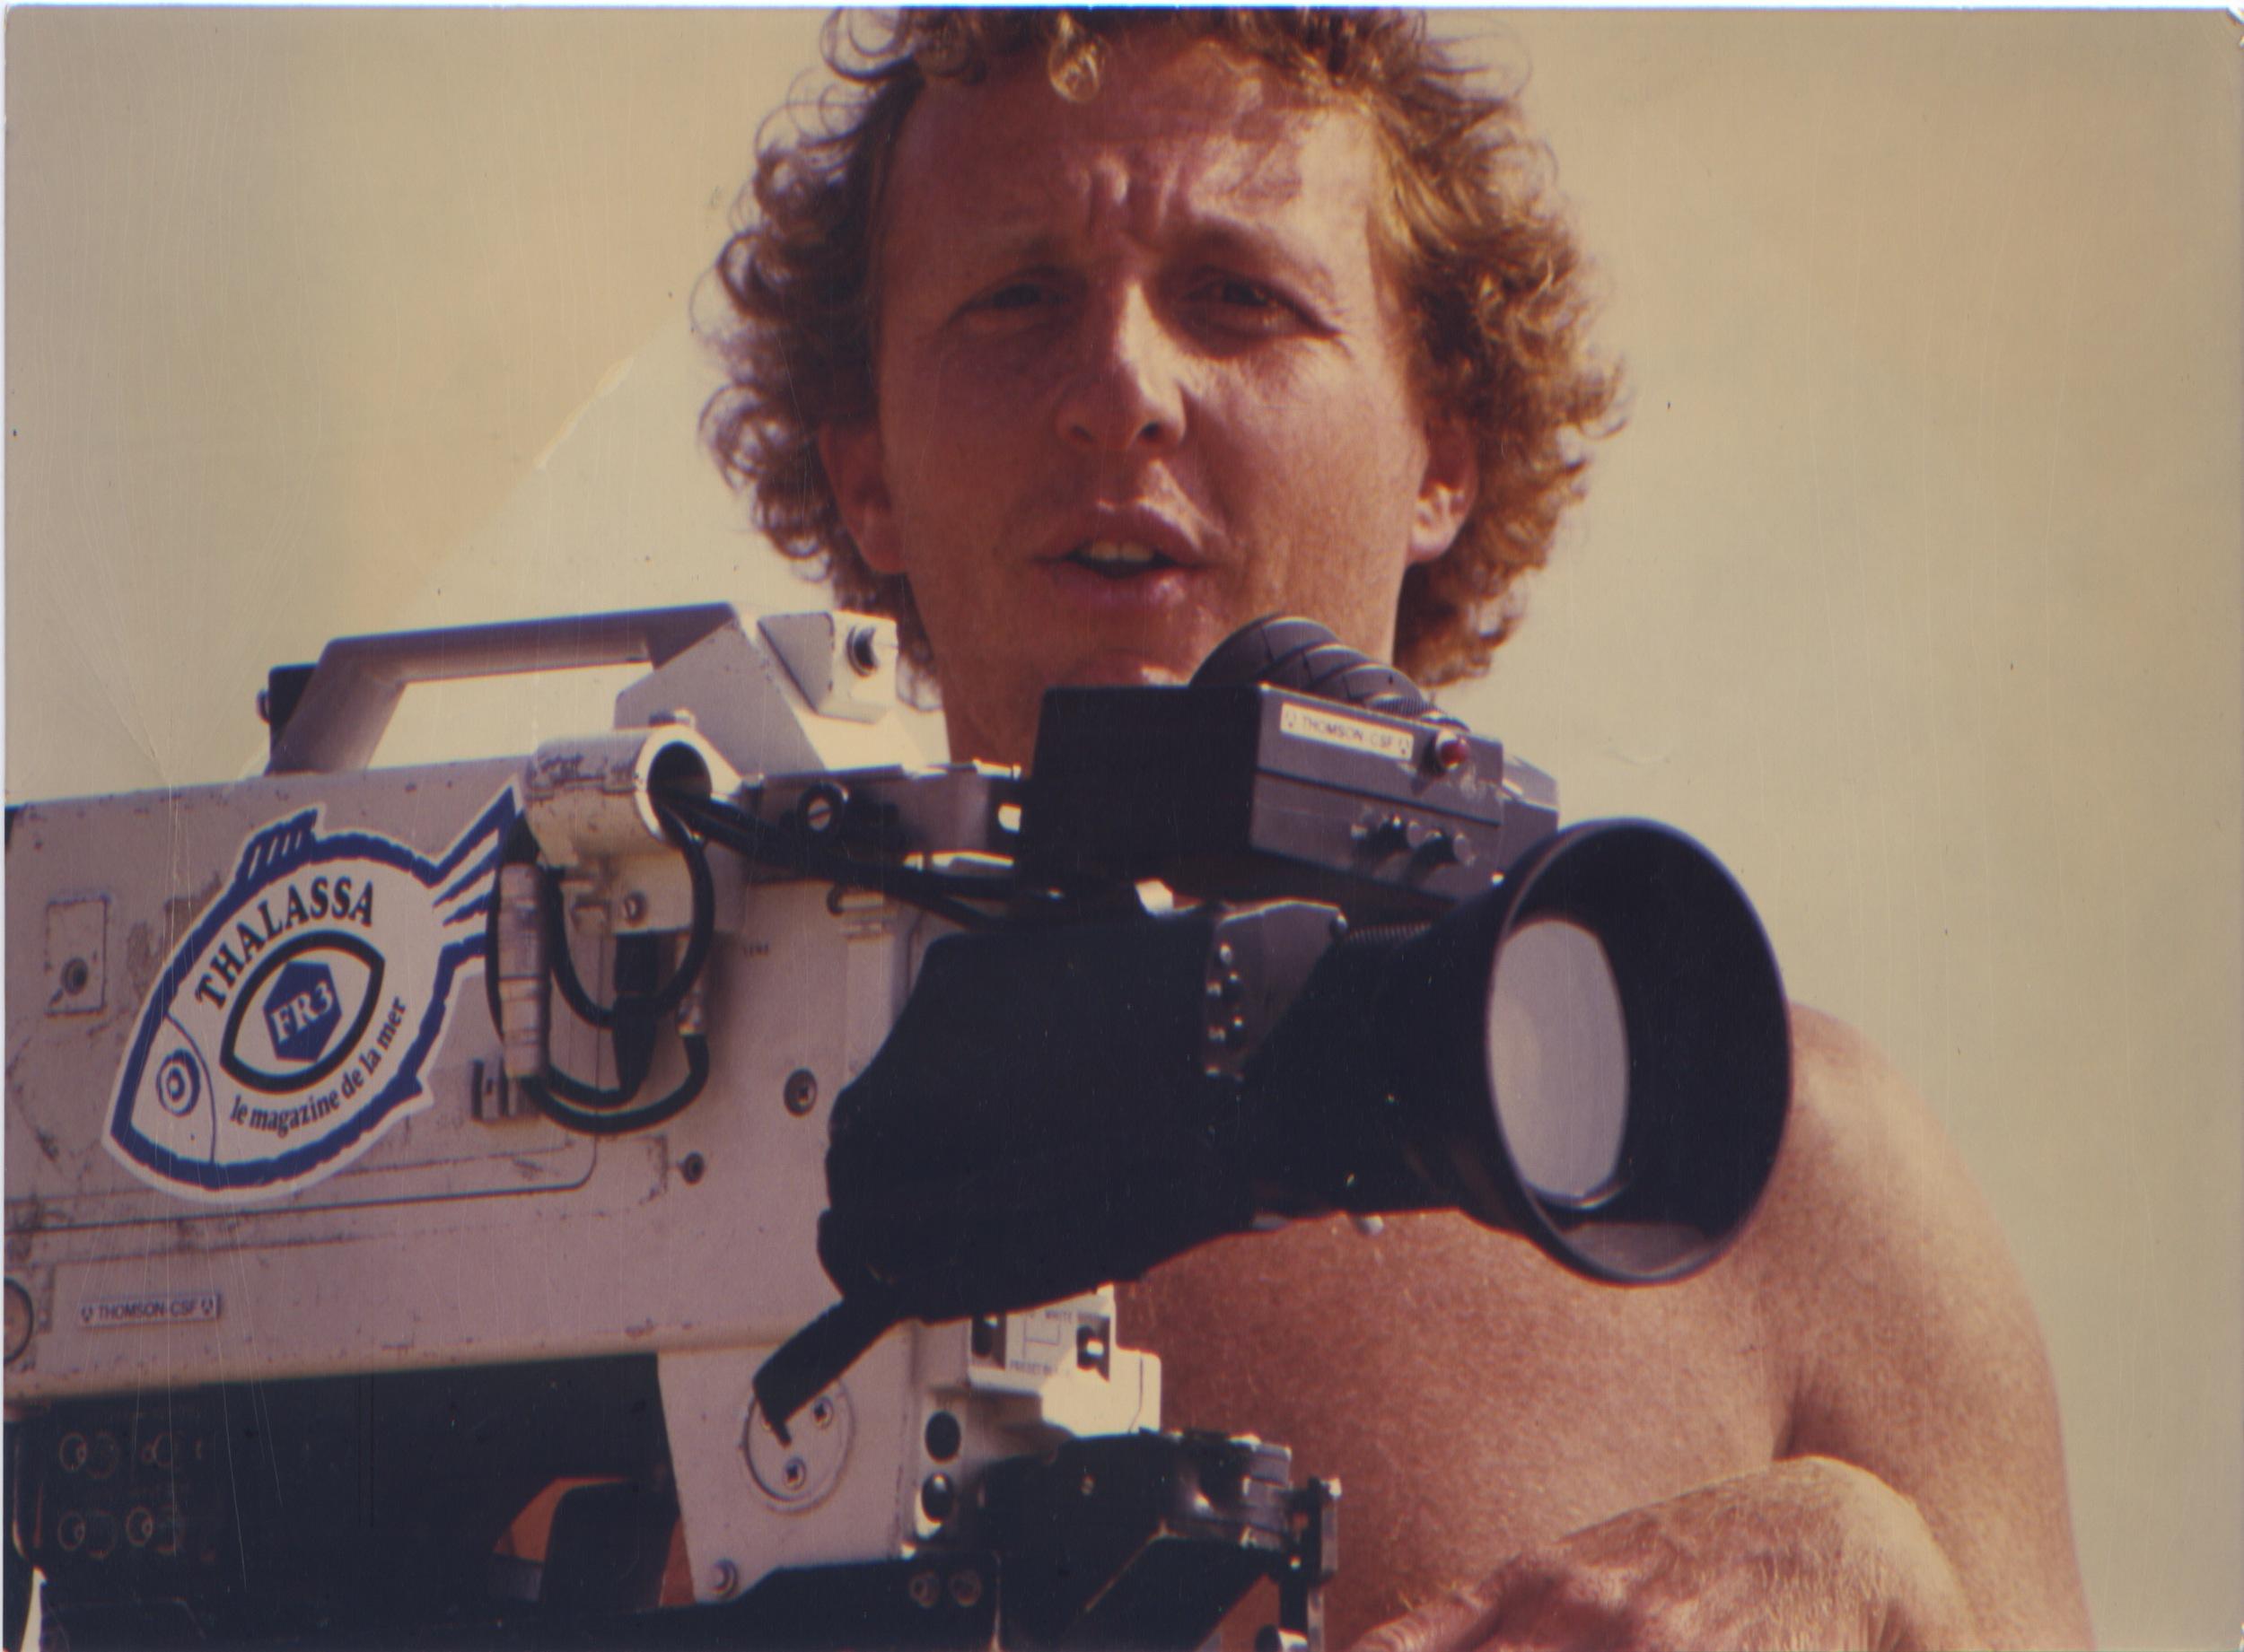 tournage Thalassa 1984.jpeg